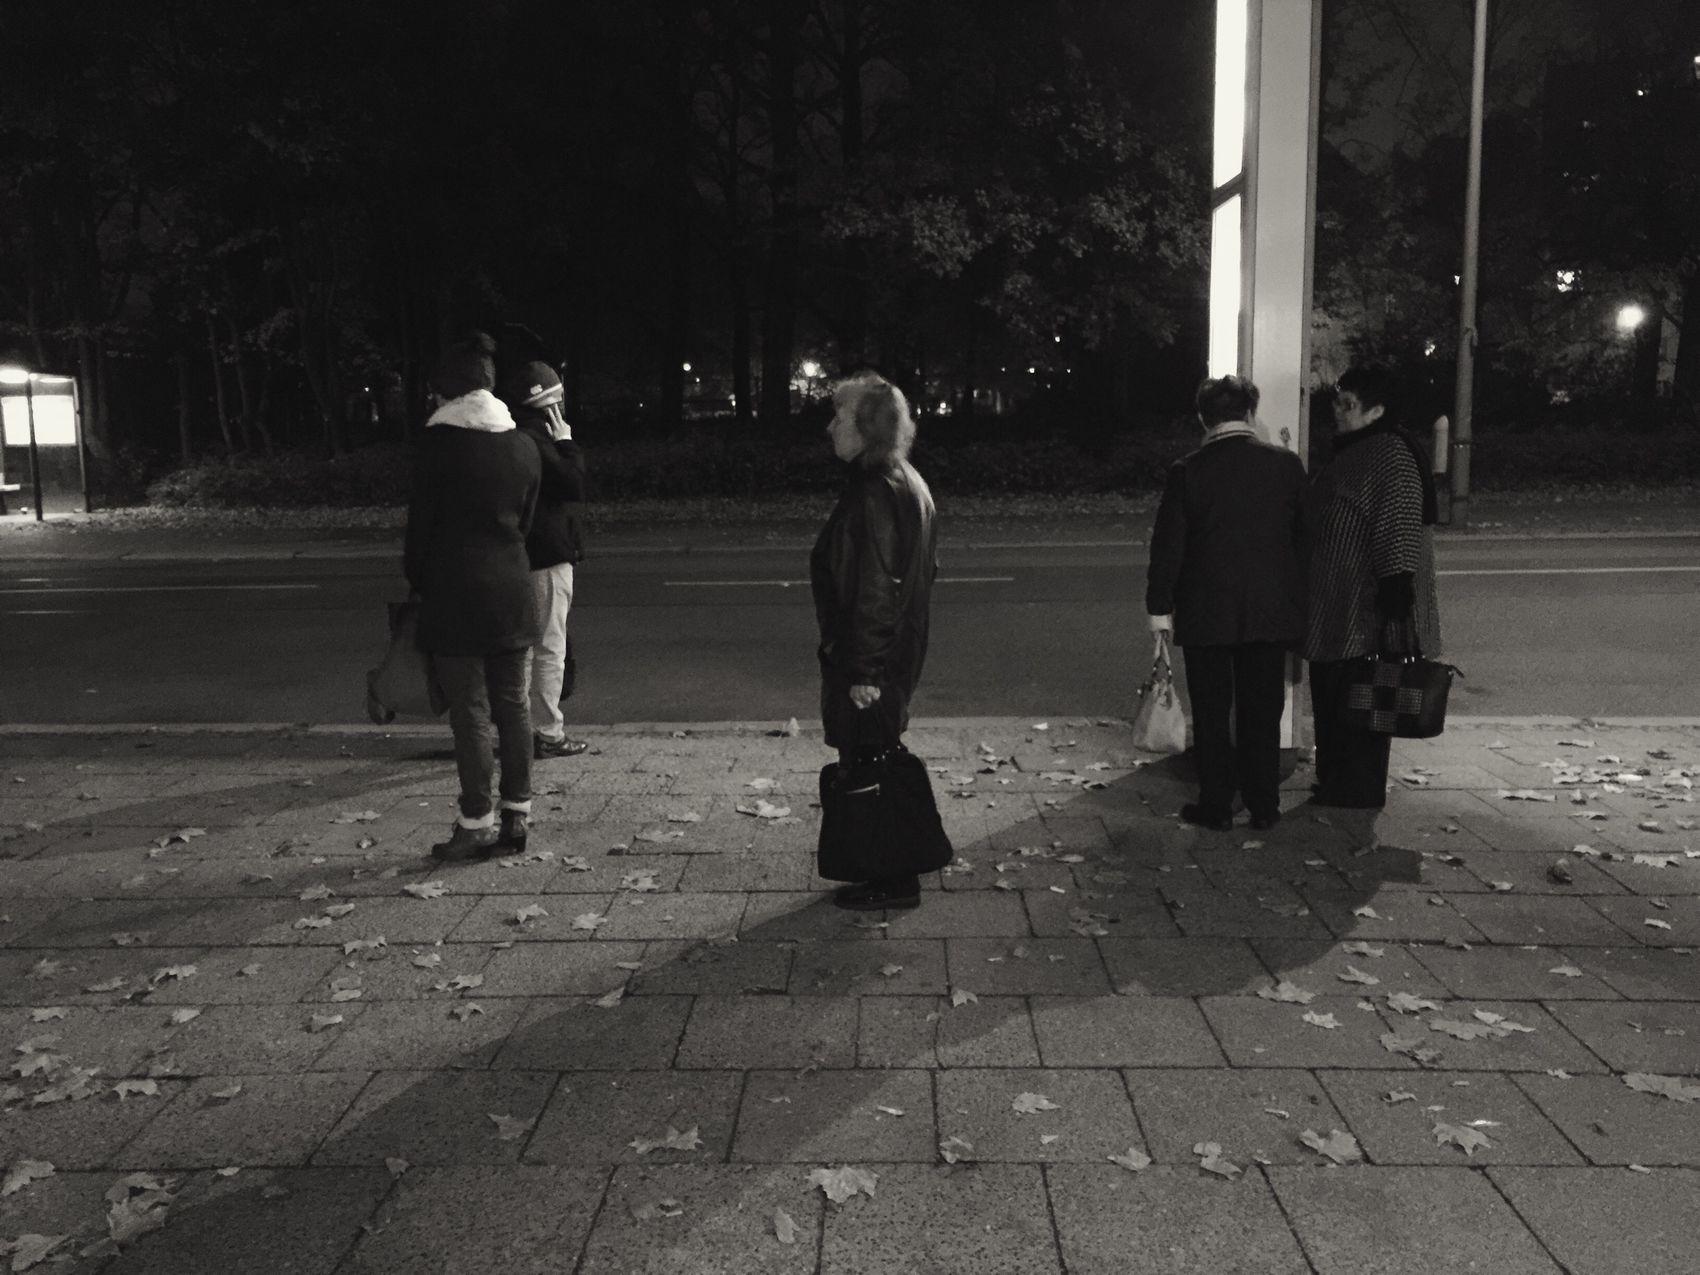 Warten auf den Bus Berlin Bvg Bus Bus Stop Streetphotography Waiting Warten Night Nacht